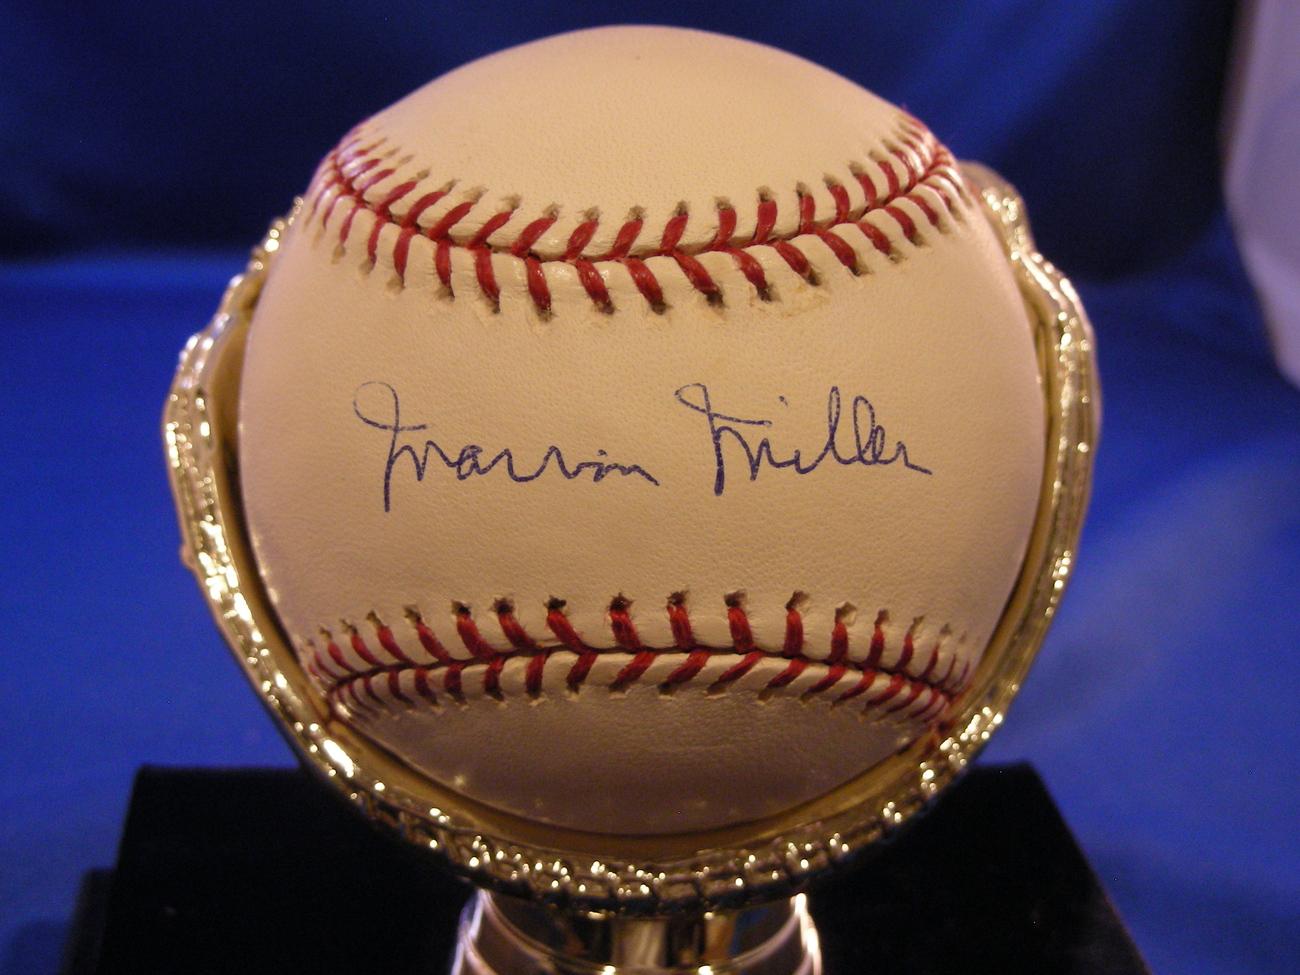 MARVIN MILLER HOF'ER EXECUTIVE DIRECTOR OF MLB SIGNED AUTO BASEBALL PSA/DNA